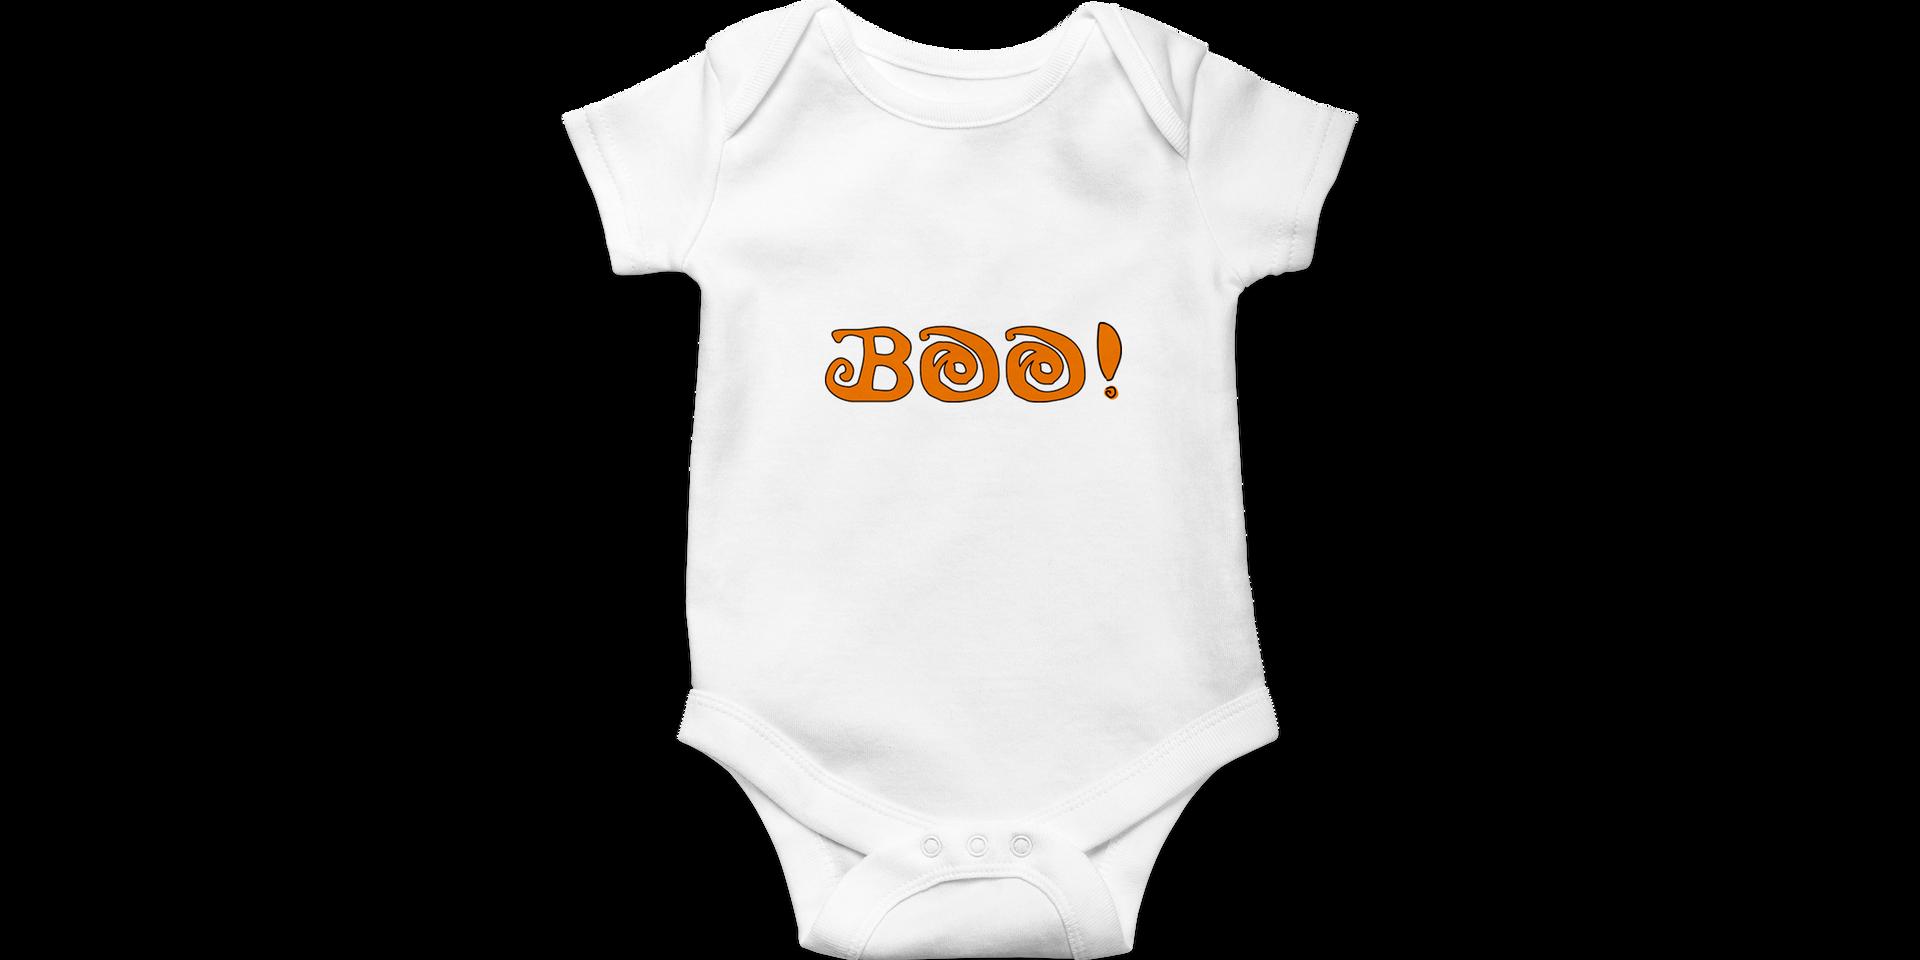 Free Baby Onesie Mockup 4.png